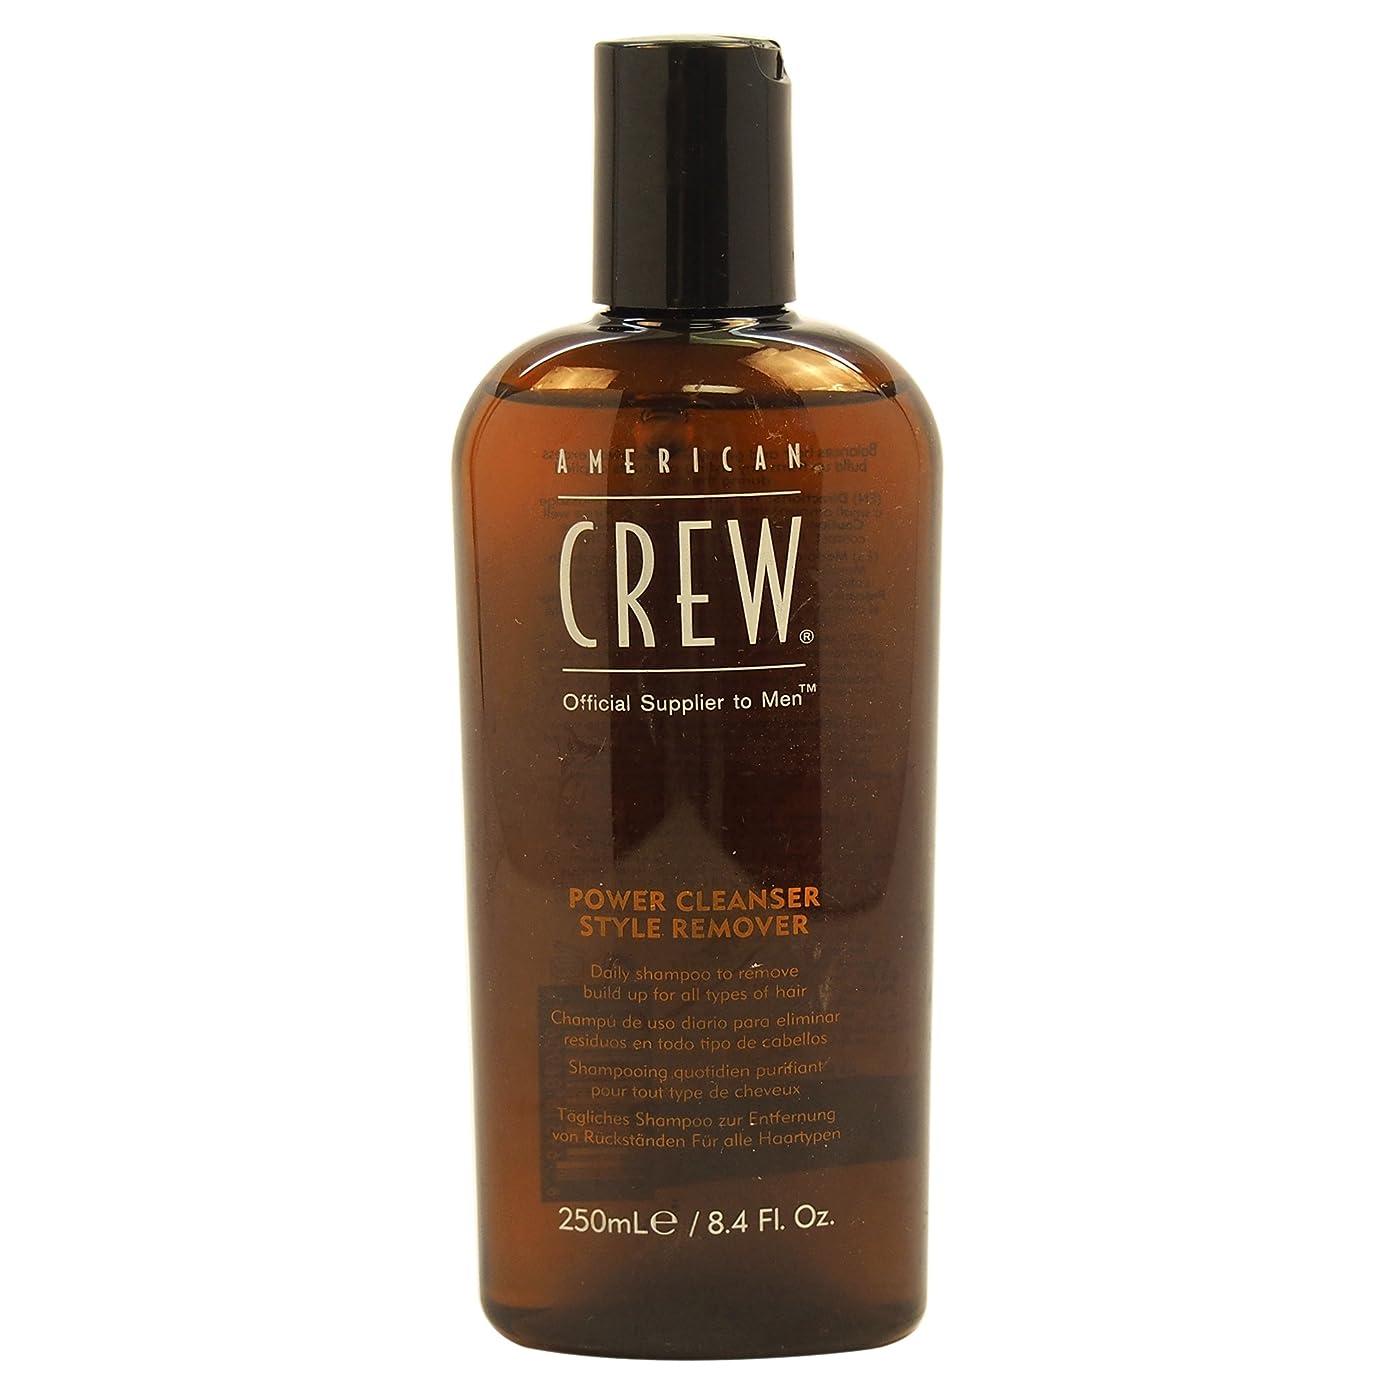 期待する回転賢いAmerican Crew Power Cleanser Style Remover Shampoo 250ml [並行輸入品]